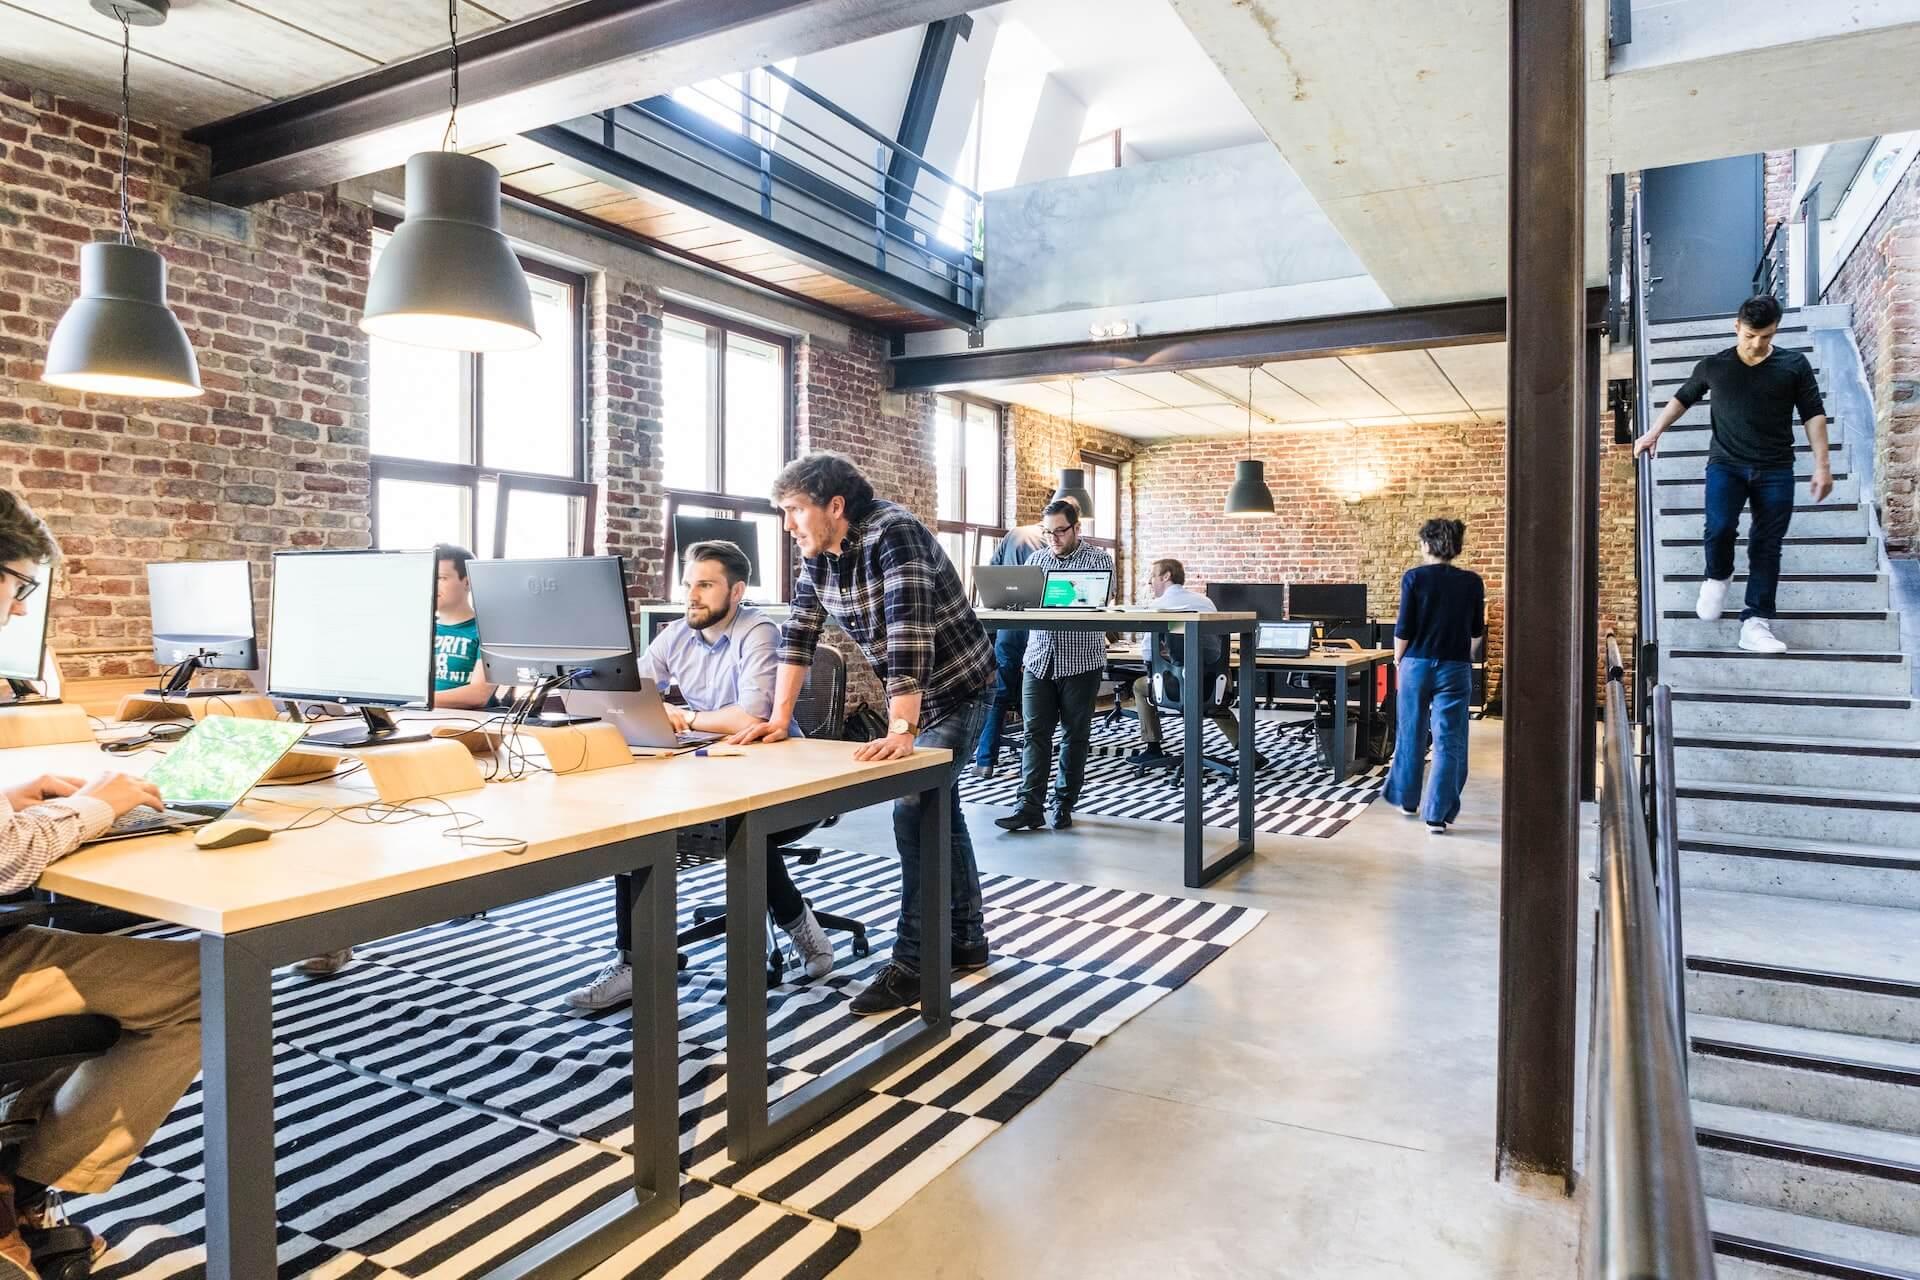 Foto. Pessoas jovens em em um ambiente de trabalho moderno.